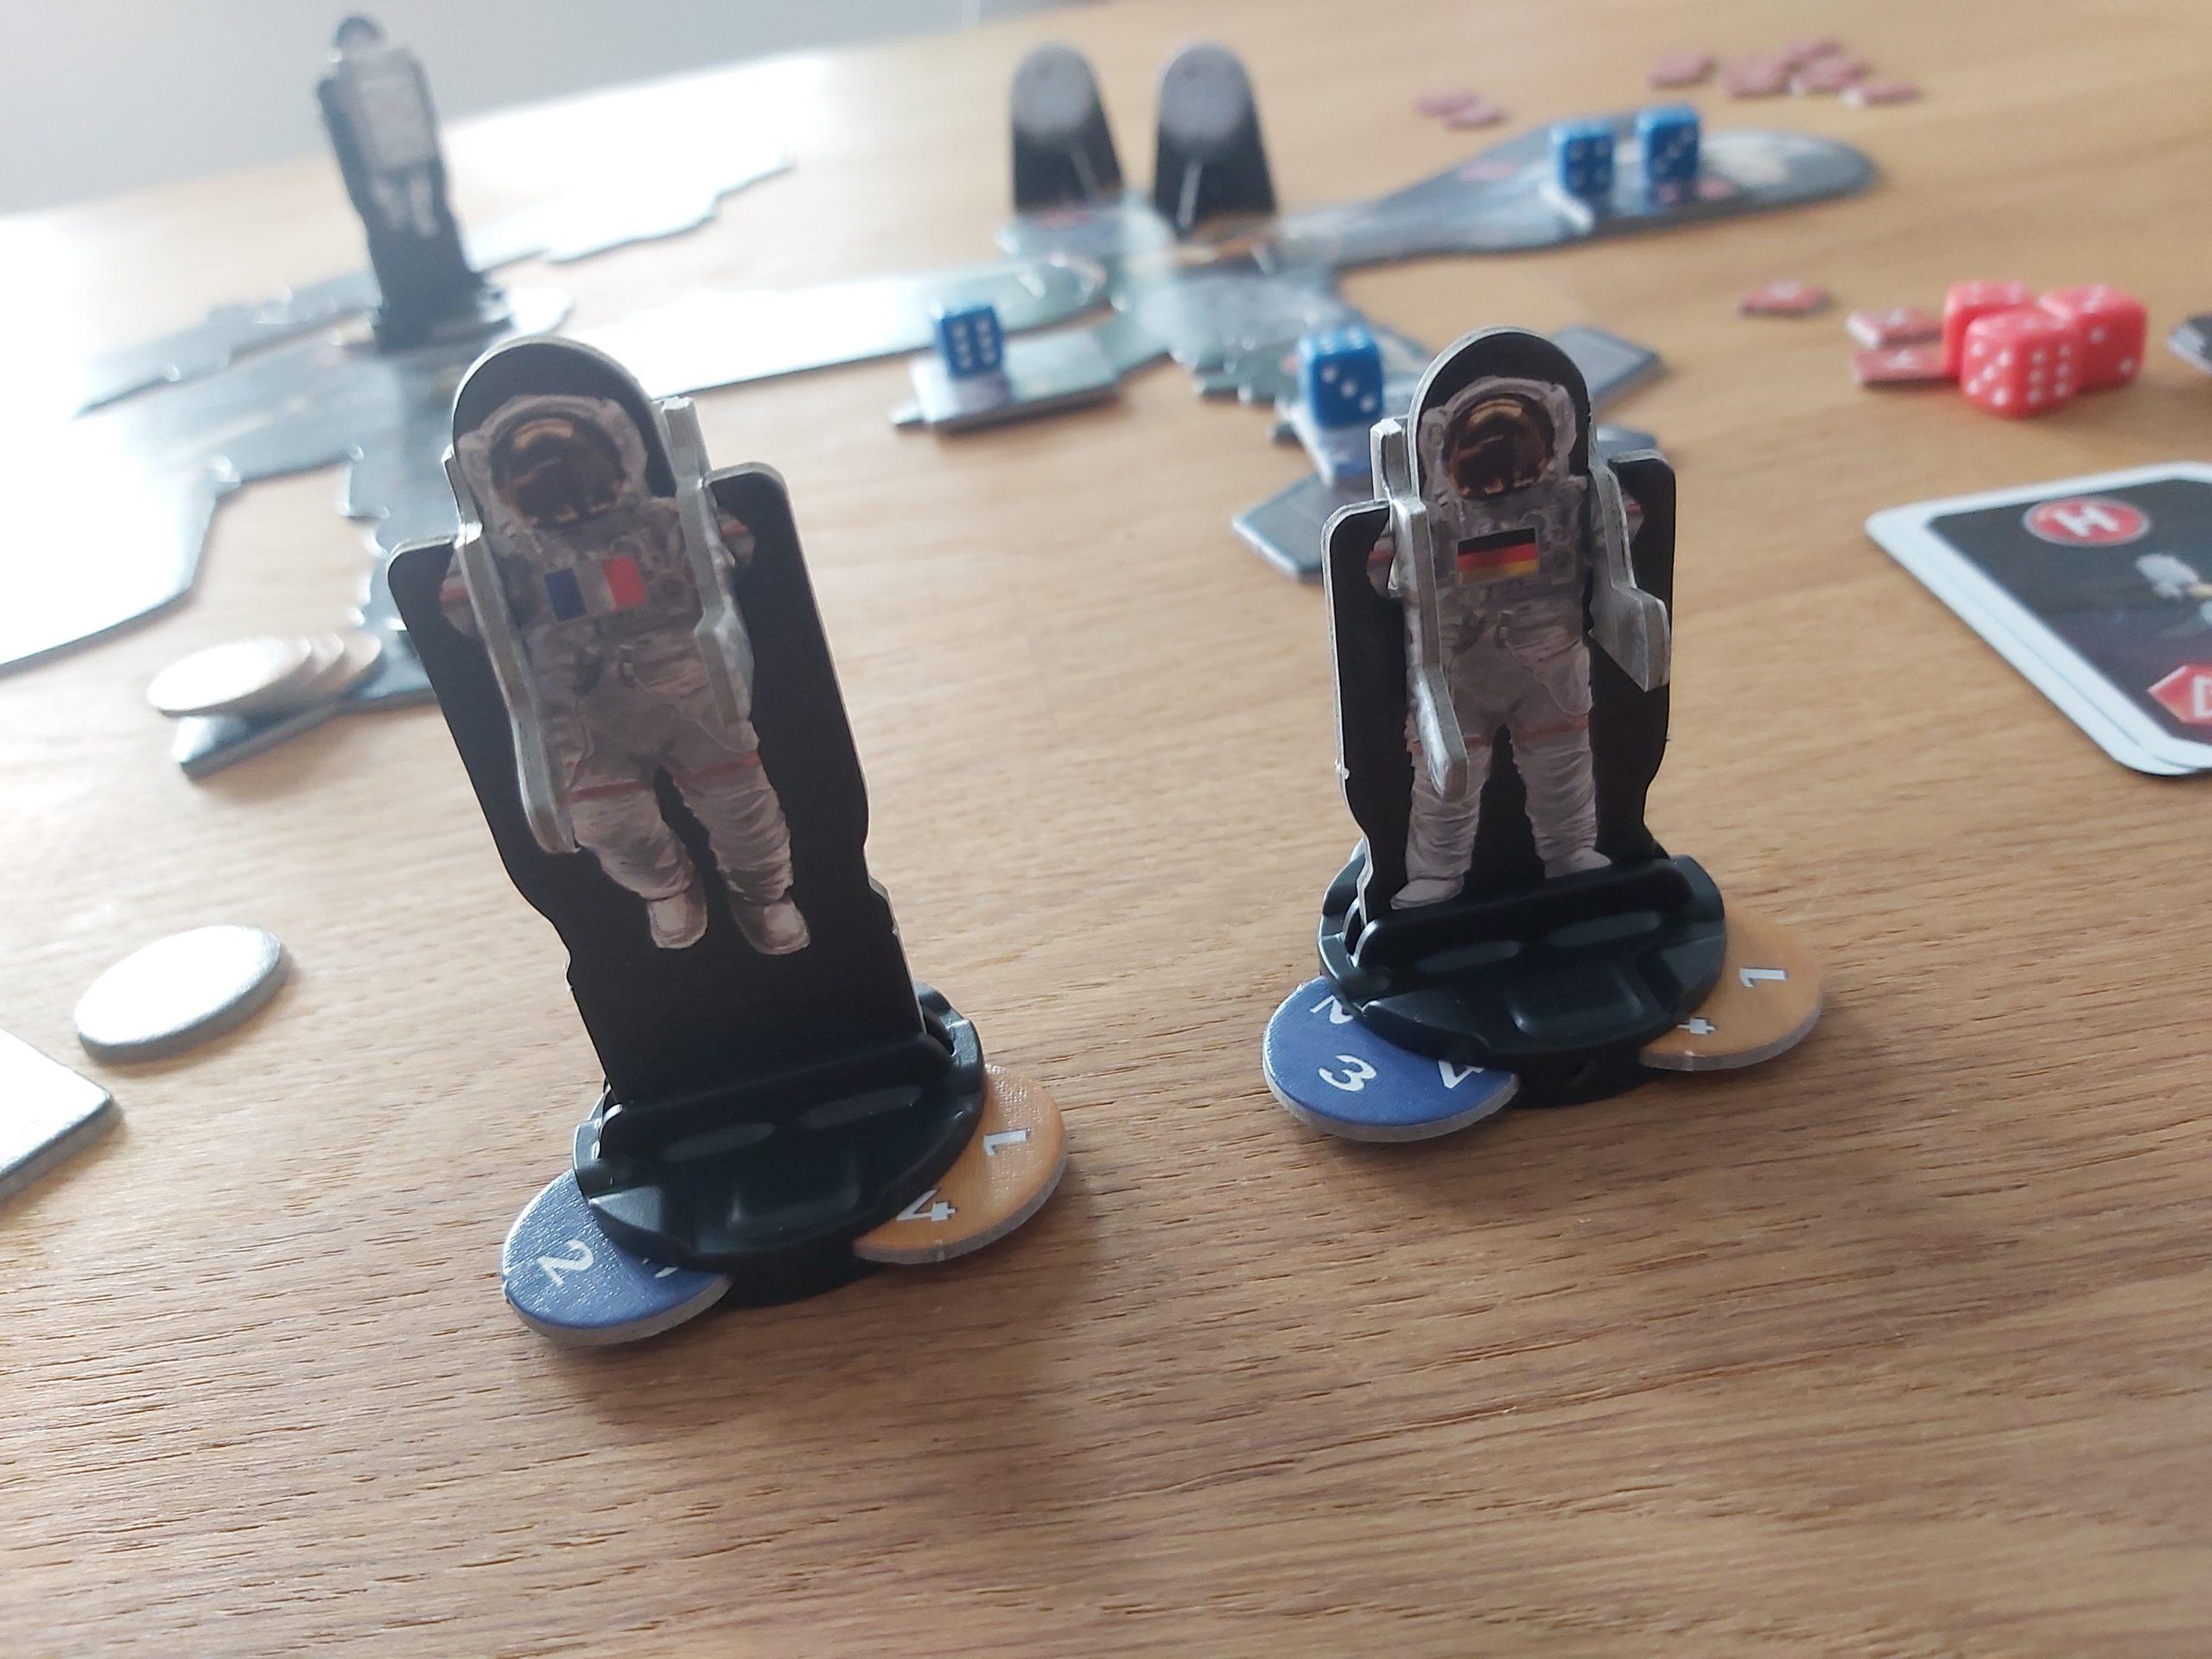 Zu sehen sind die 3D-Astronaut:innen-Figuren von Mission ISS.